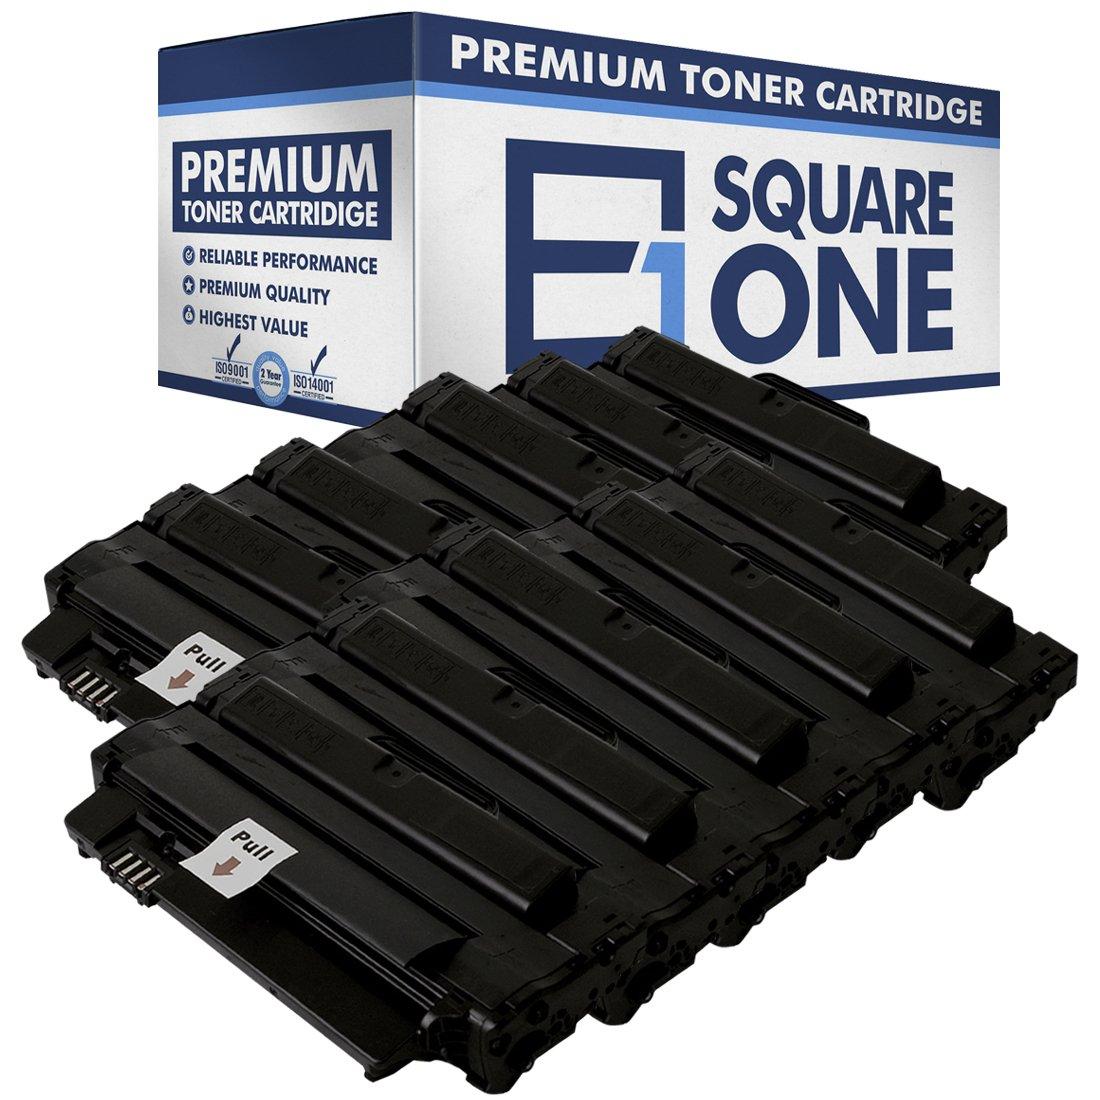 esquareone互換高トナーカートリッジ交換for Dell 2 MMJP 330 – 9523 | 7h53 W 593 – 10961 (ブラック) 10 Pack ブラック B075PY4152   10 Pack